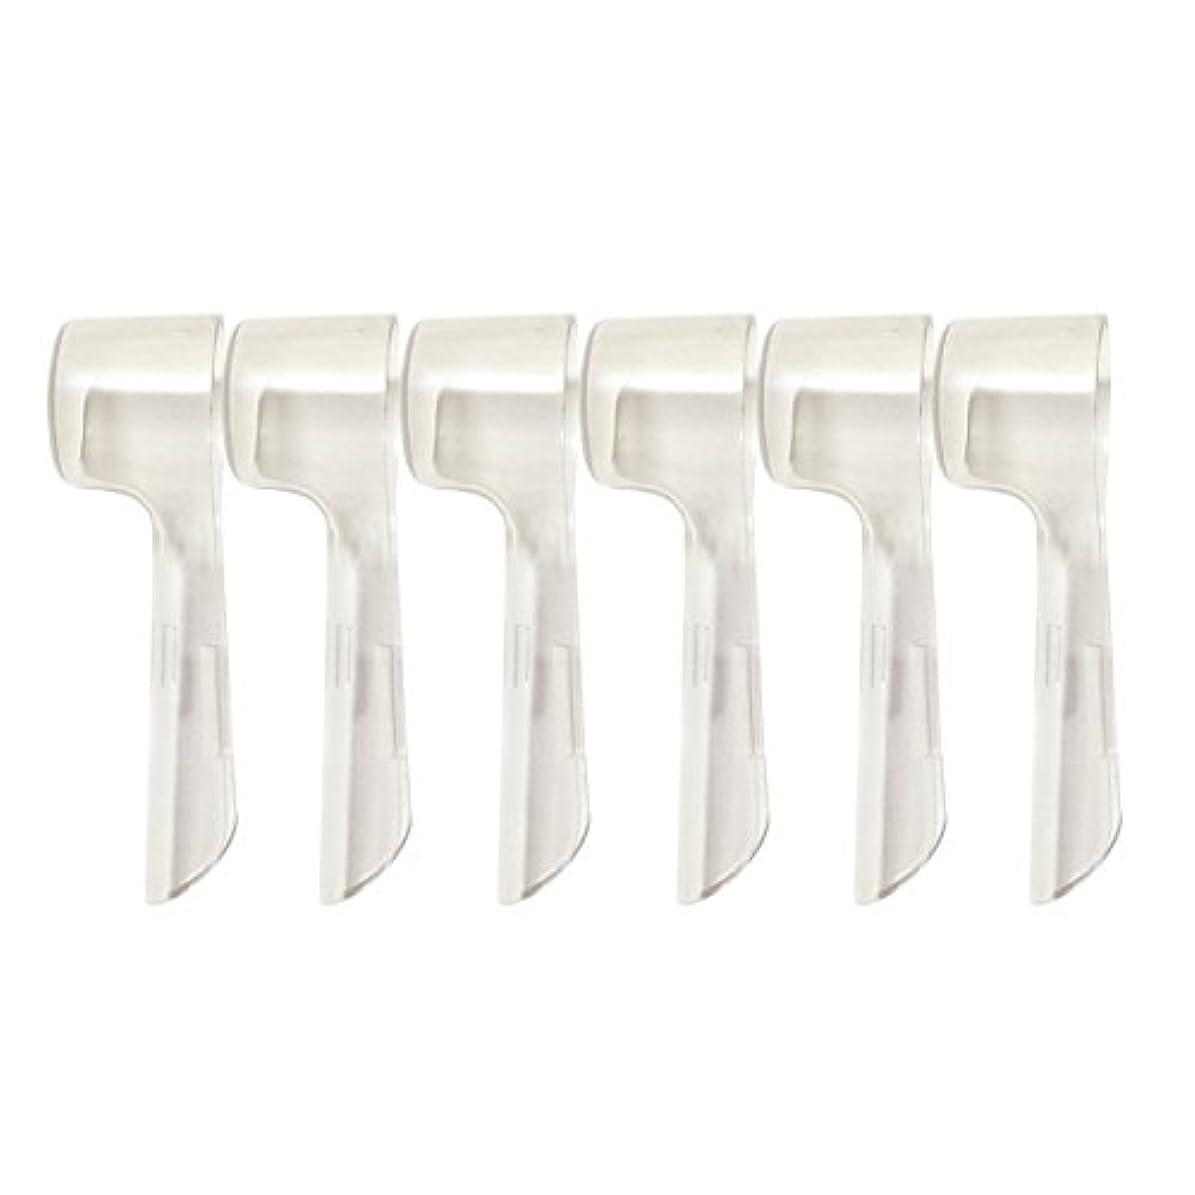 適切に放出普通にSUPVOX 旅行のために便利な電動歯ブラシのための6本の歯ブラシヘッド保護カバーとより衛生的にするために細菌をほこりから守るためのより衛生的な